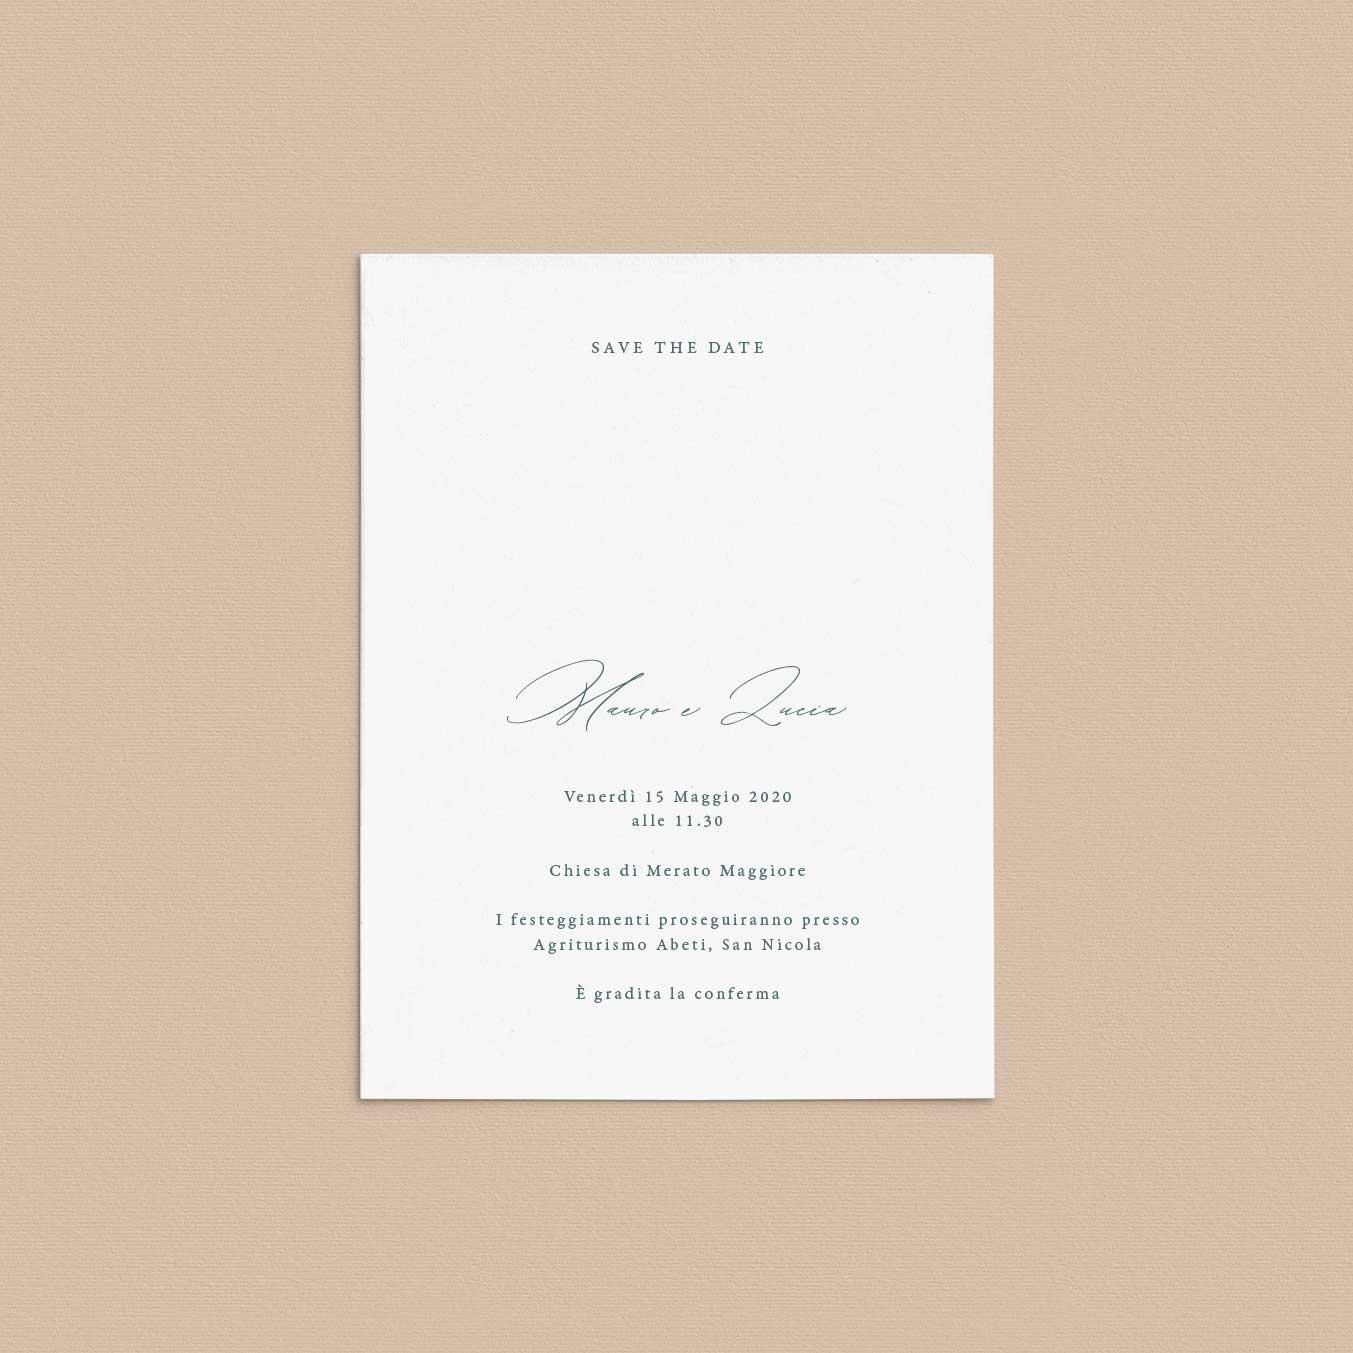 Partecipazioni-inviti-minimal-chic-fai-da-te-corsivo-scritti-a-mano-semplice-boho-moderno-wedding-invitation